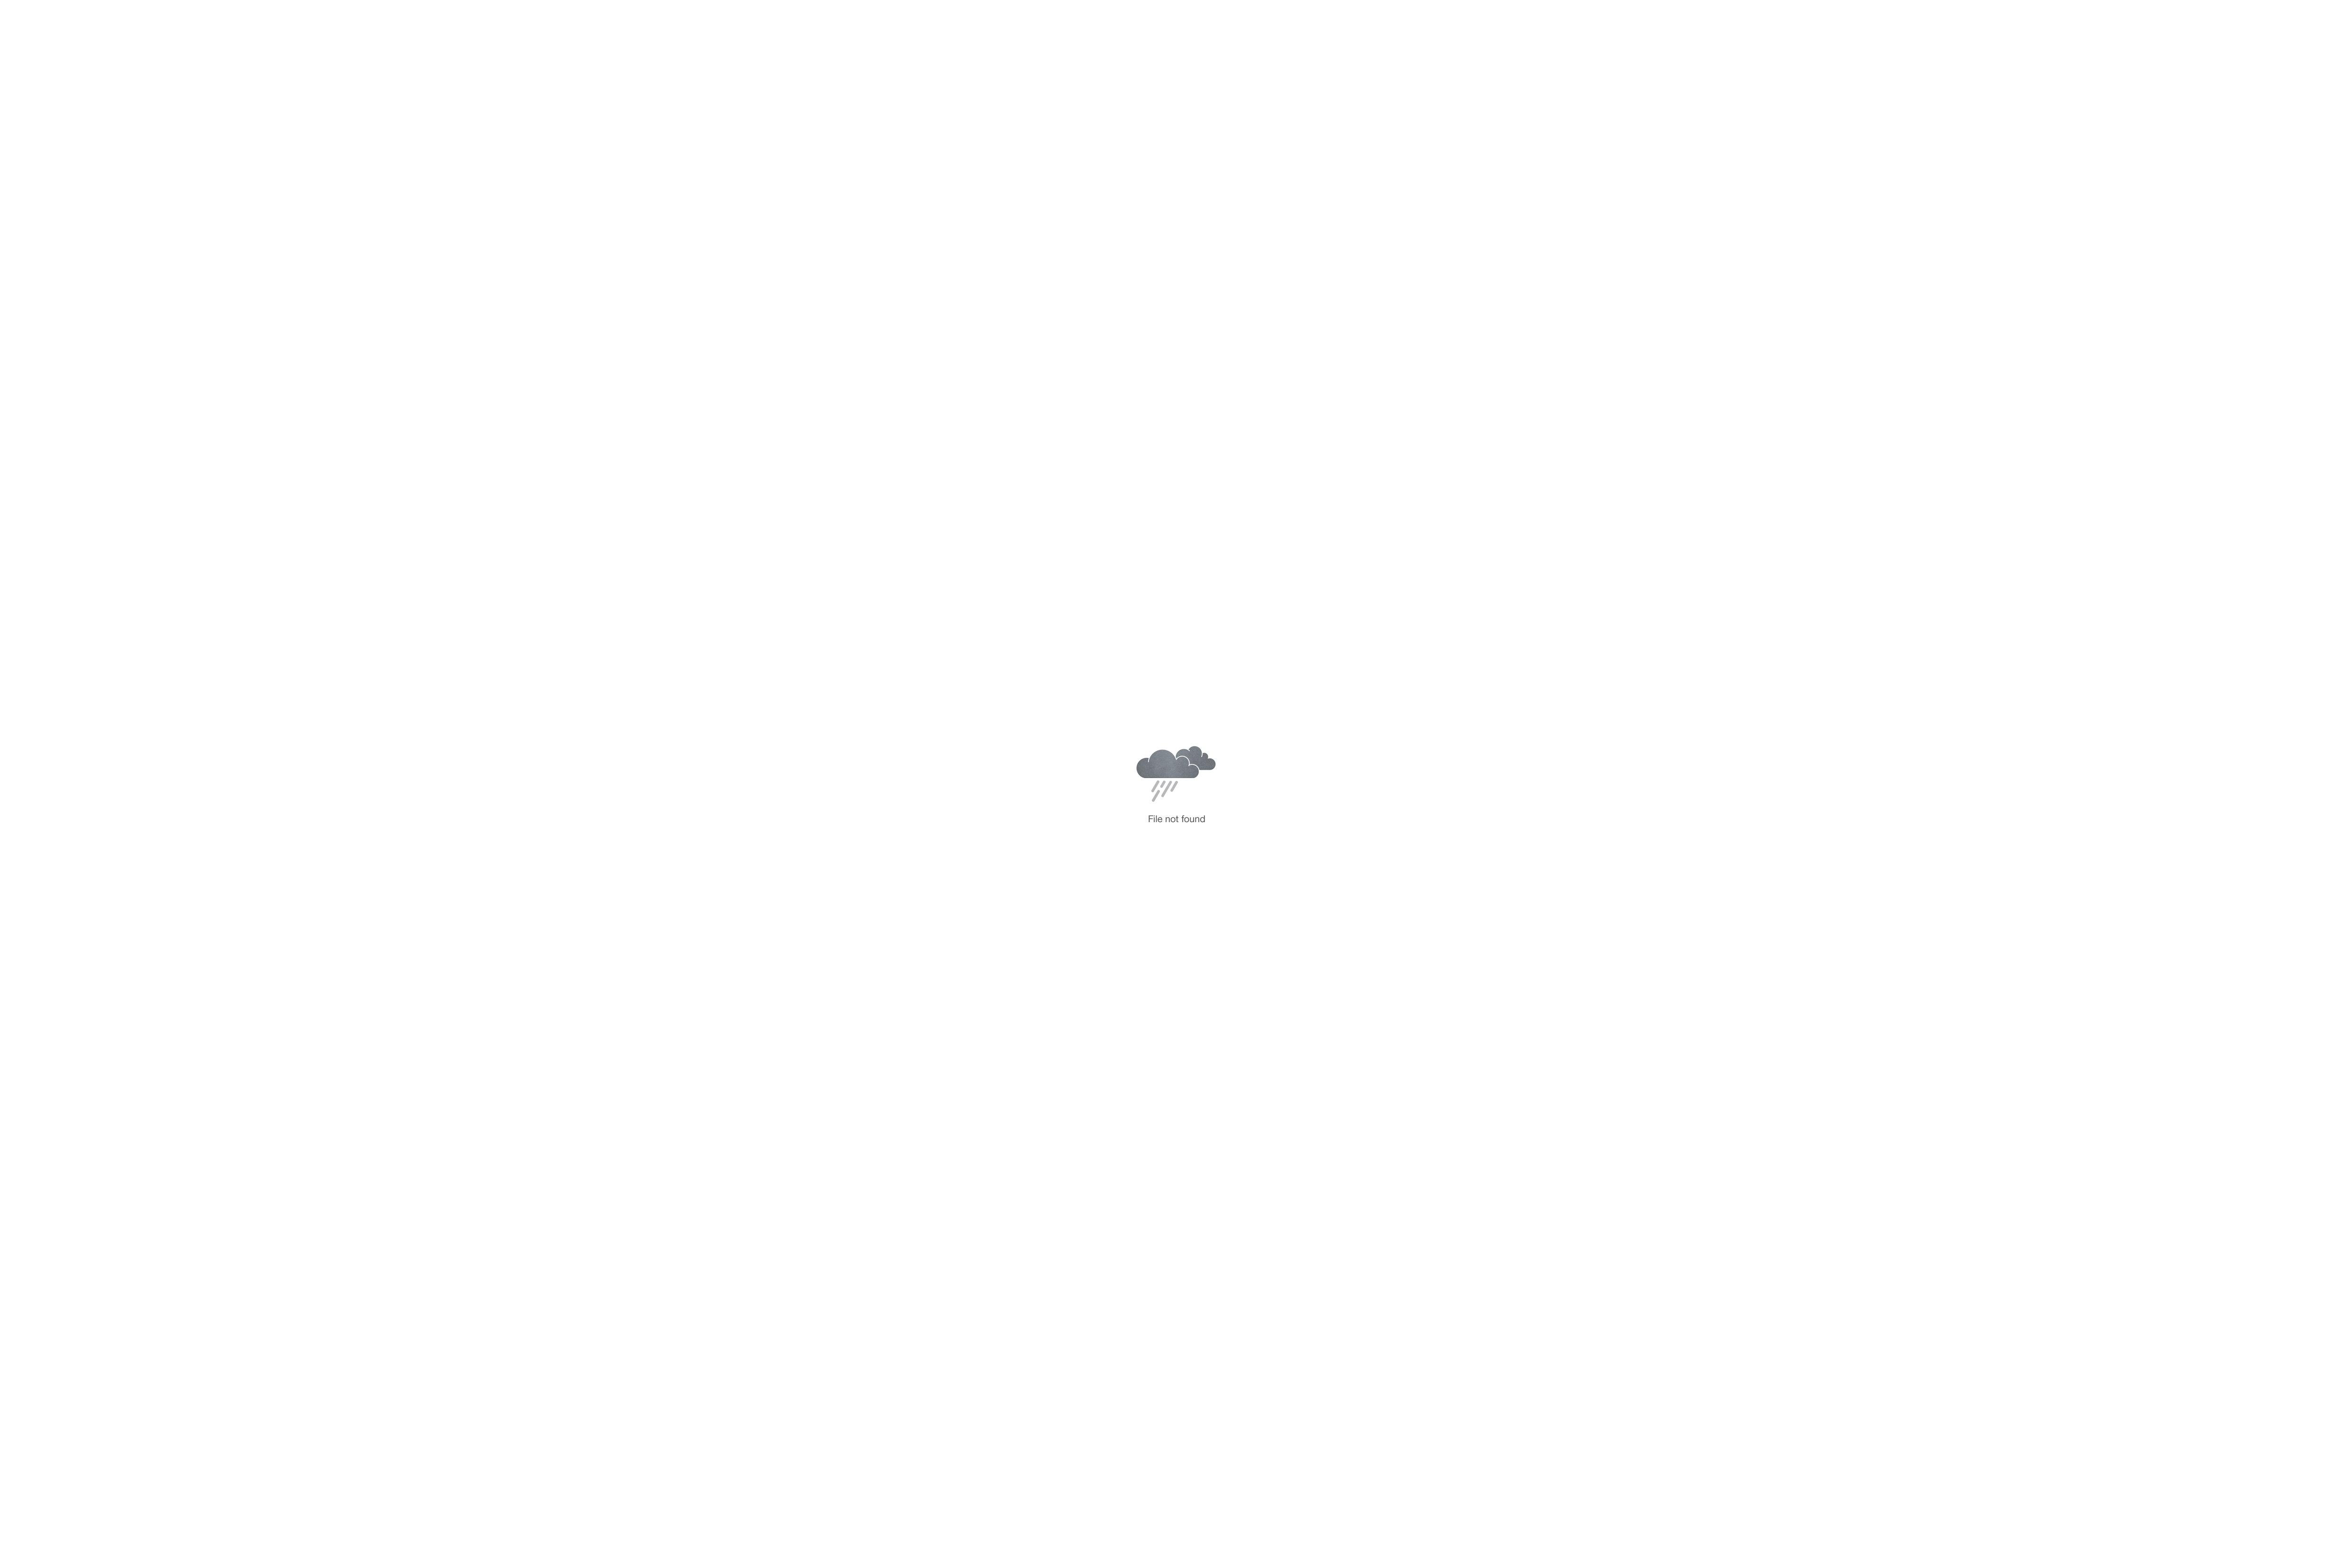 Lou-BROULEAU-Tennis-Sponsorise-me-image-1